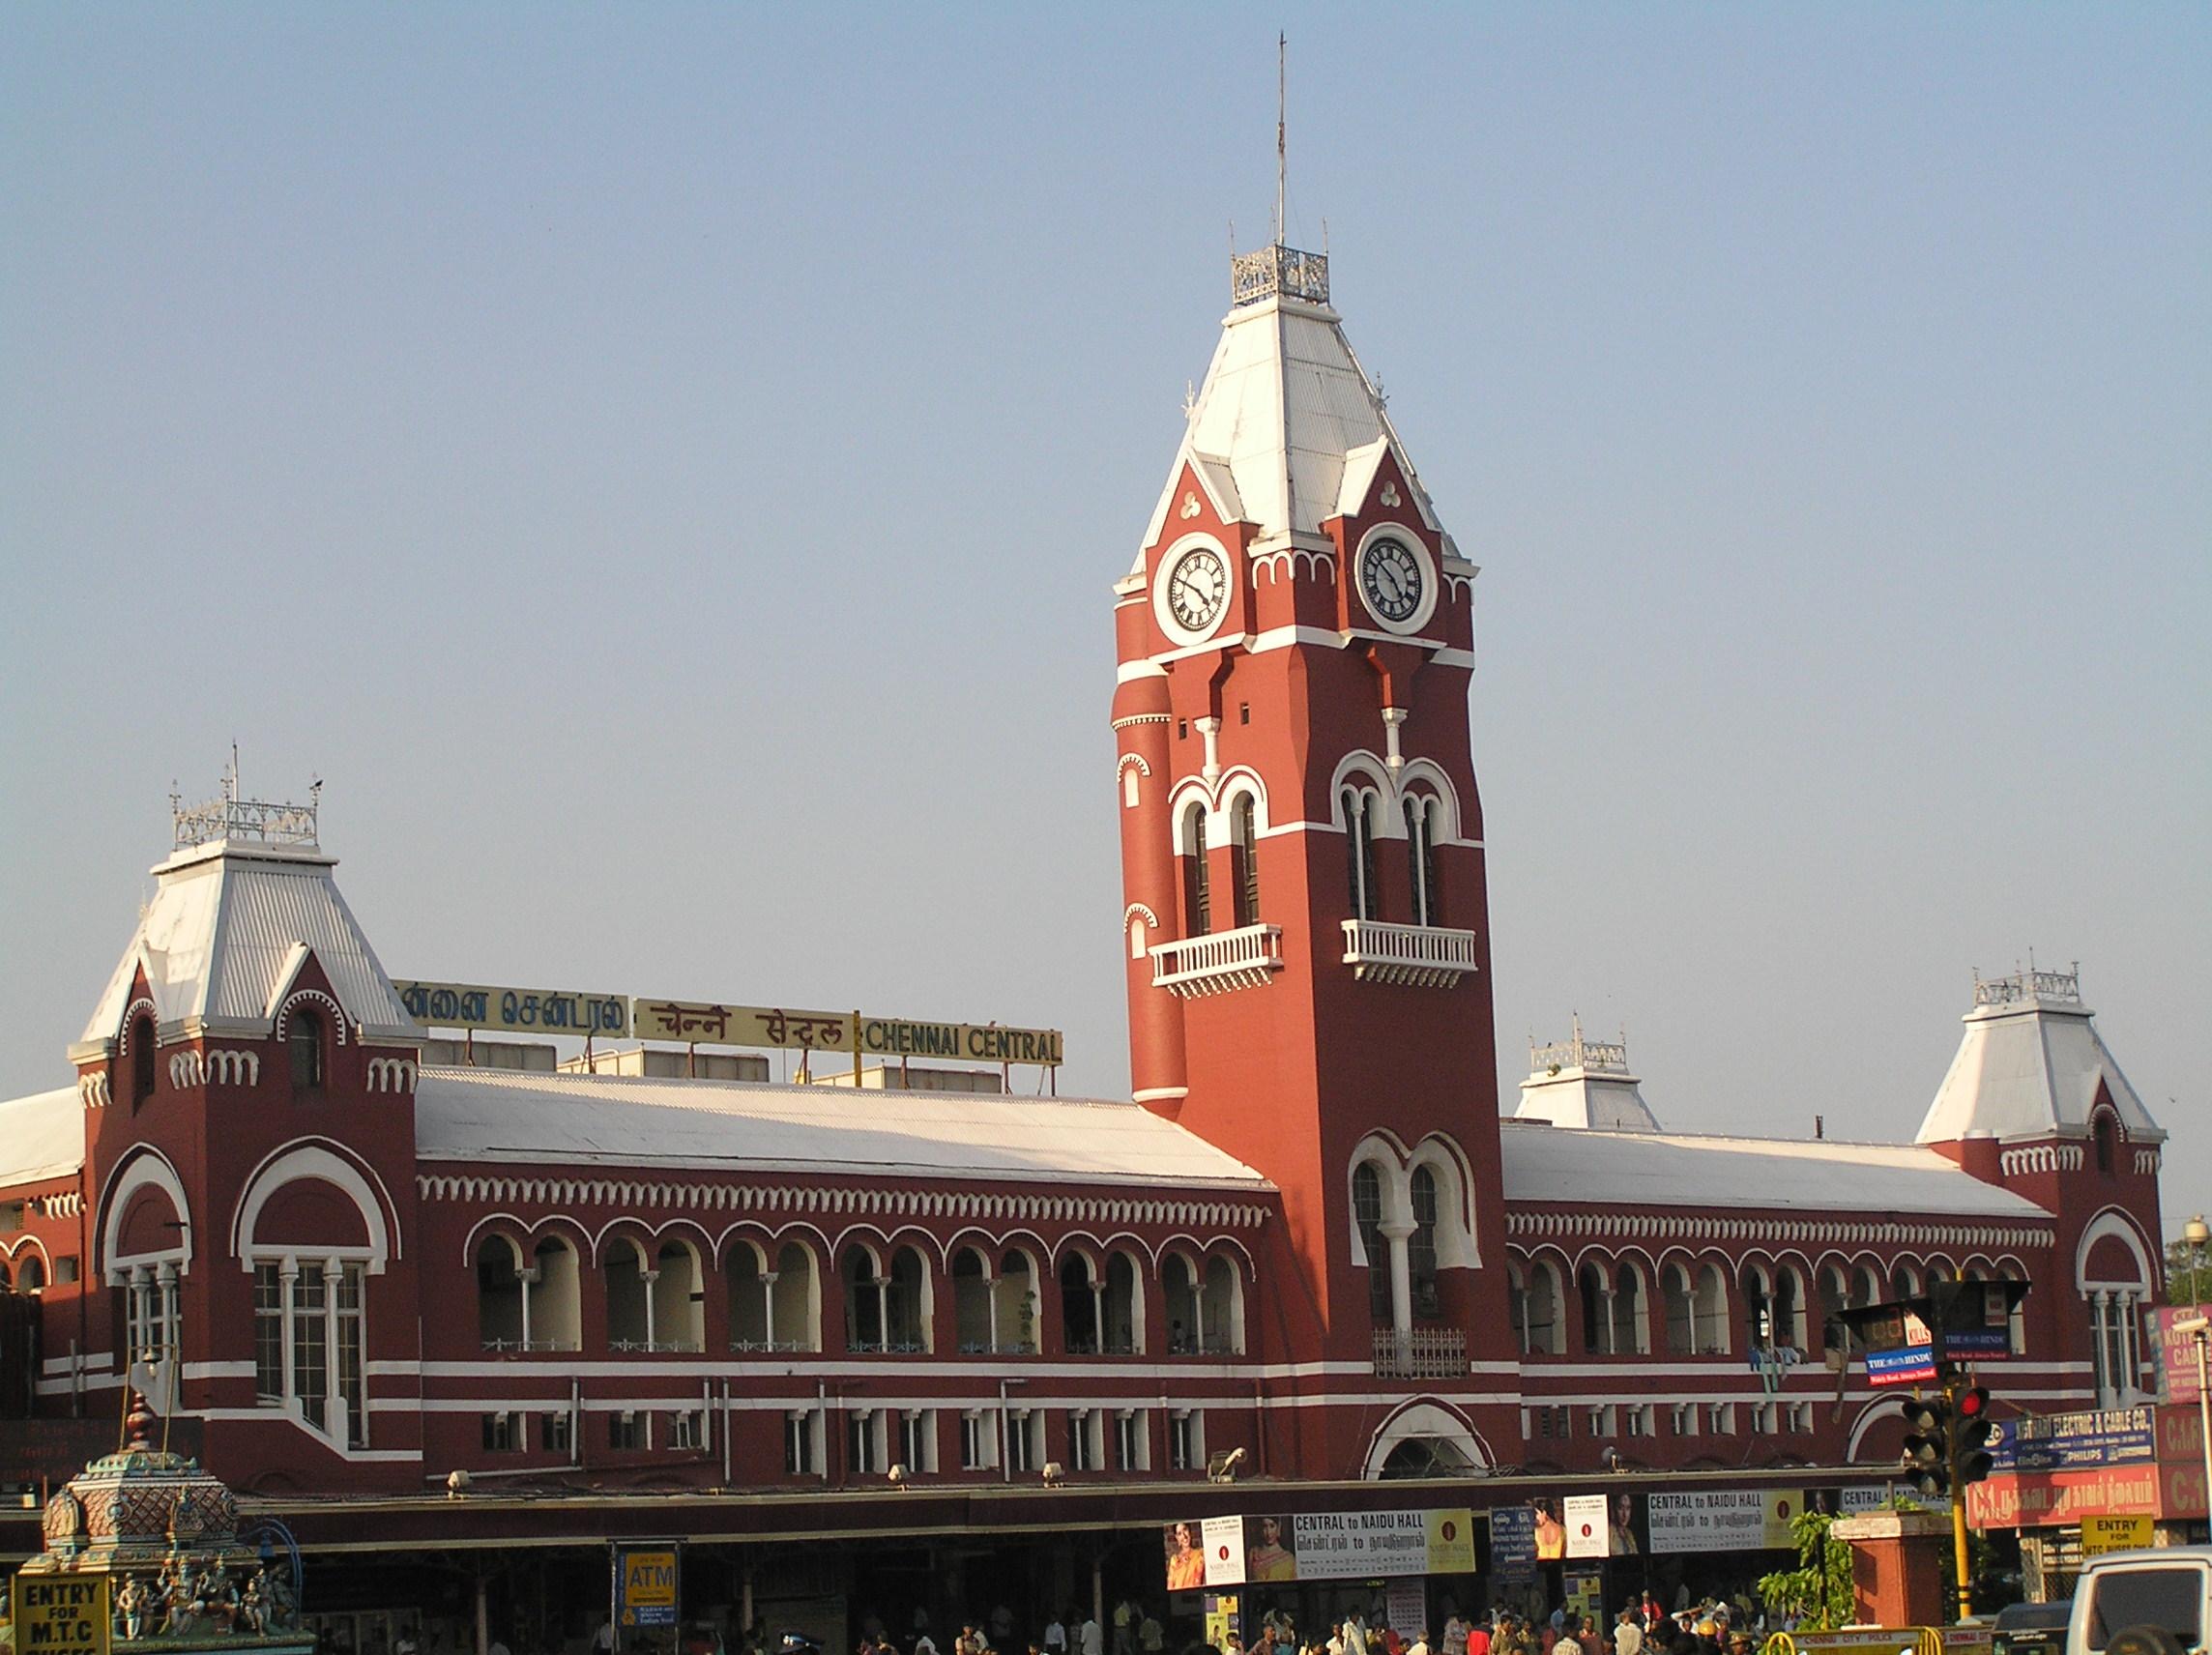 IIT Madras Wikipedia: Team:IIT Madras/Team Under